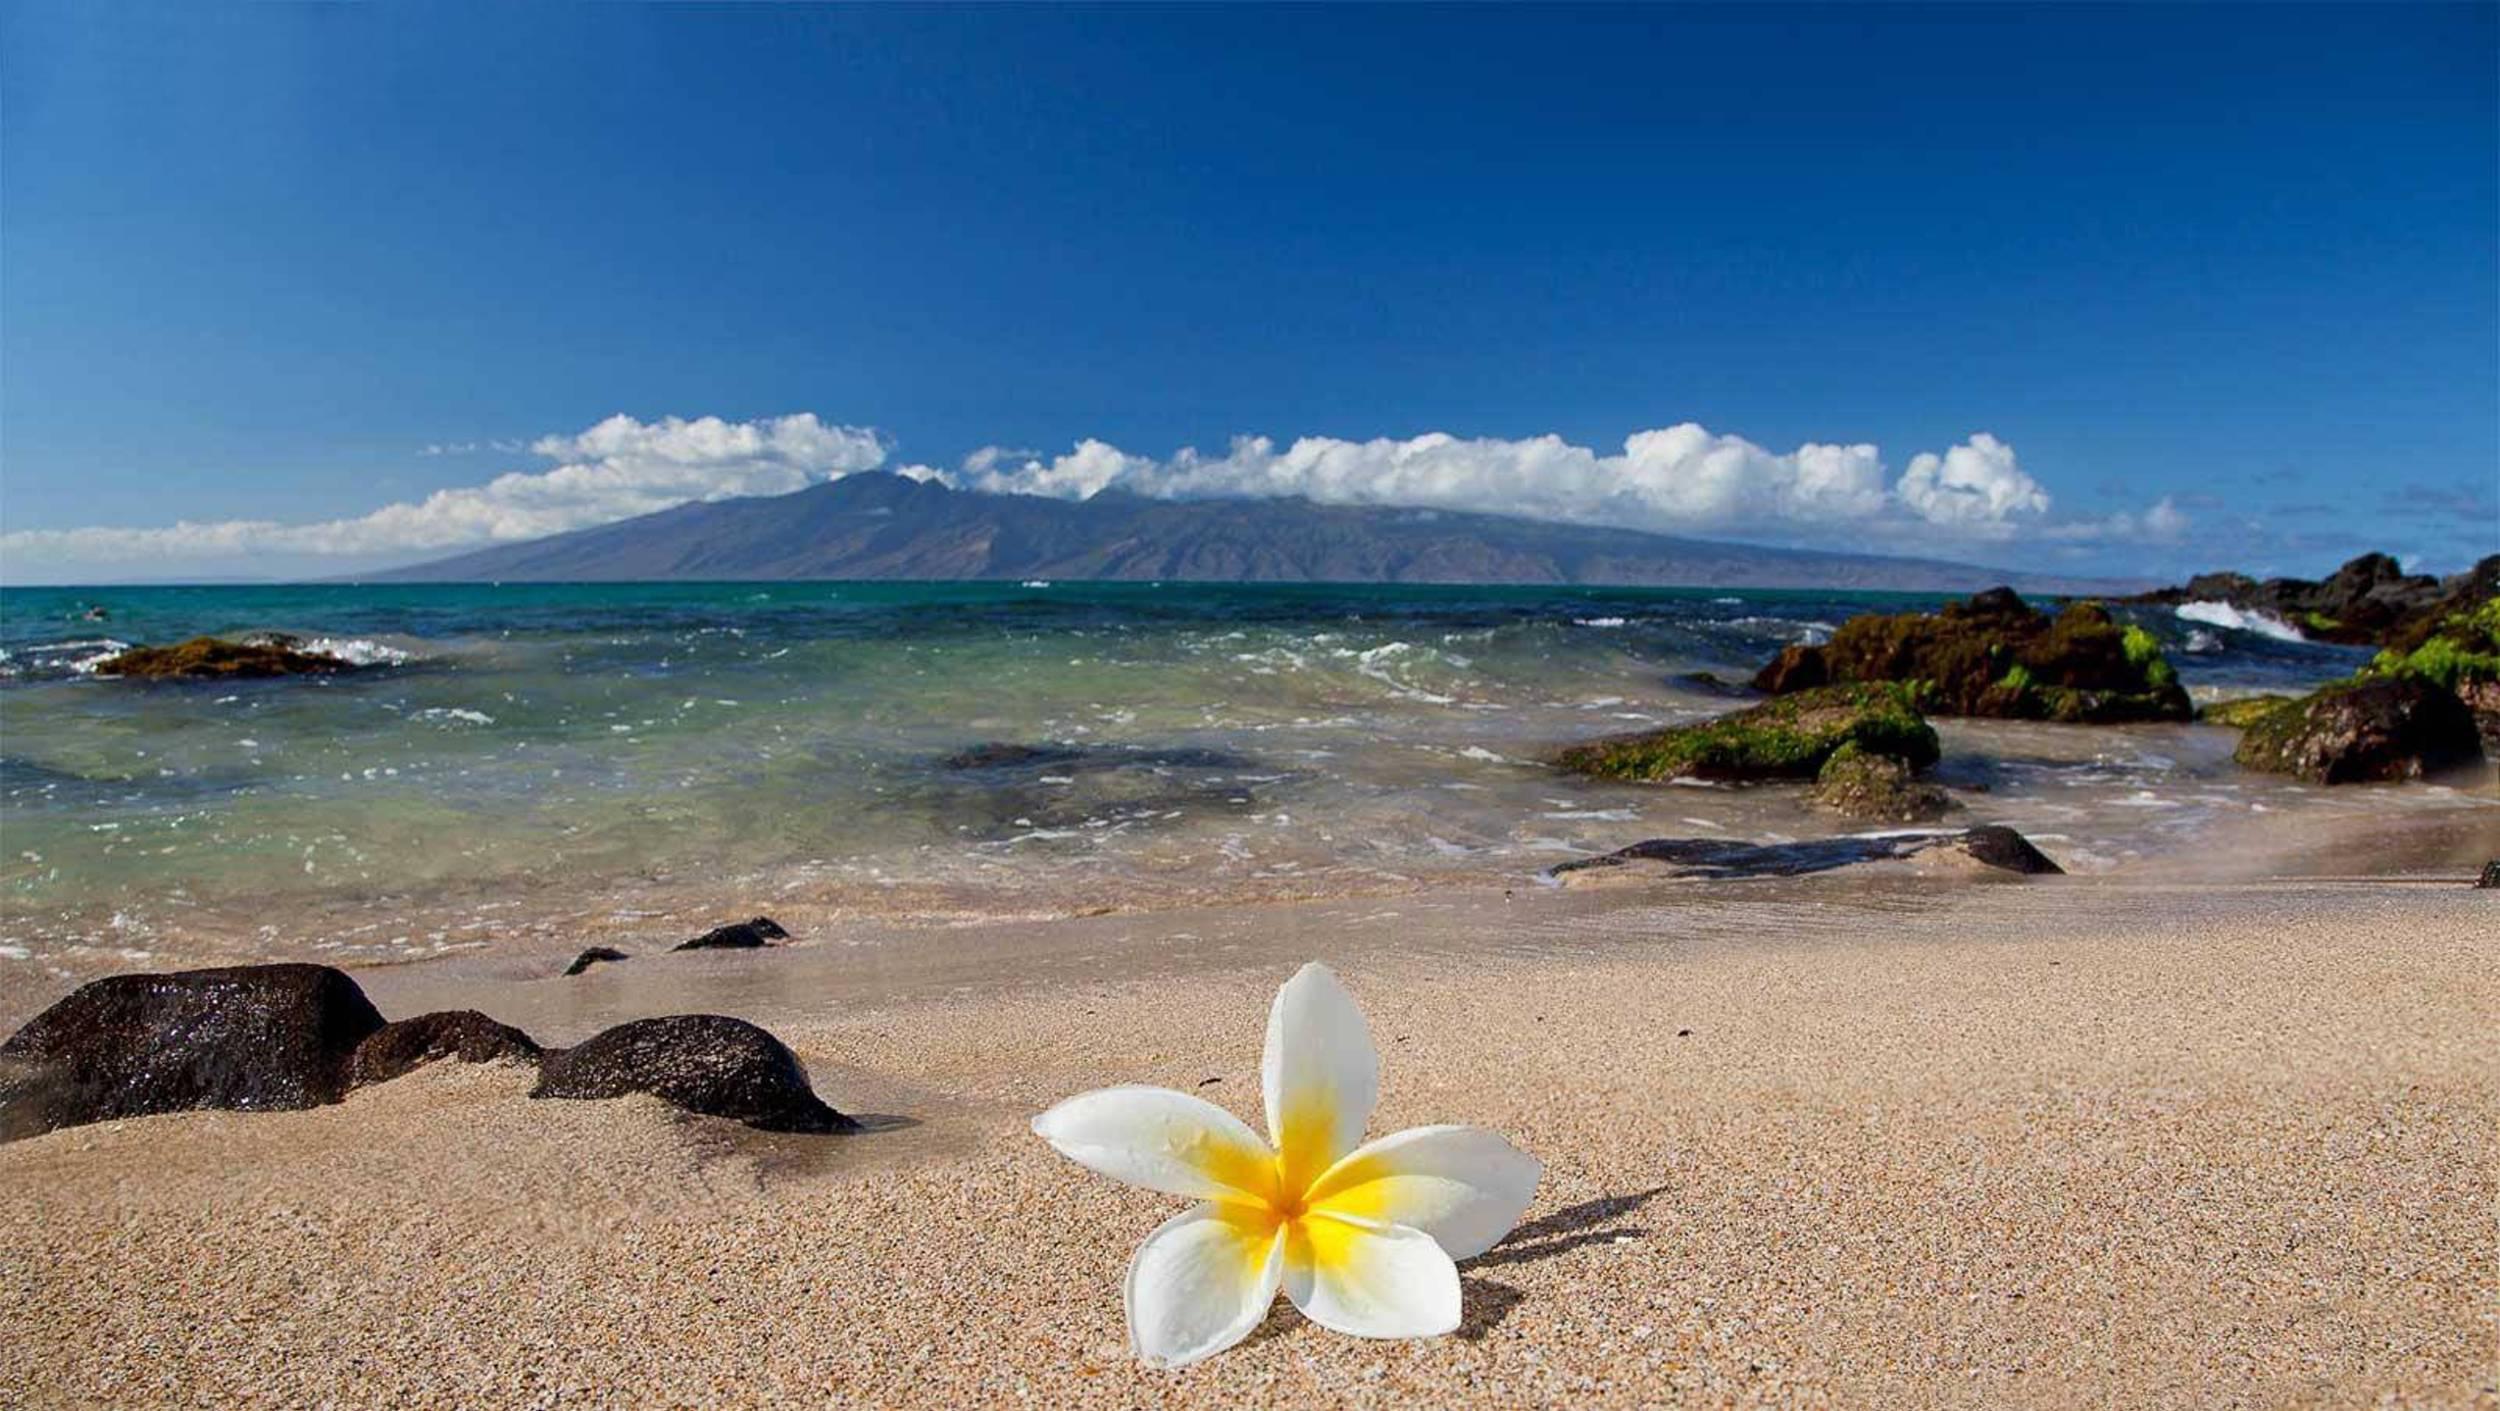 Beach Flower Wallpapers Top Free Beach Flower Backgrounds